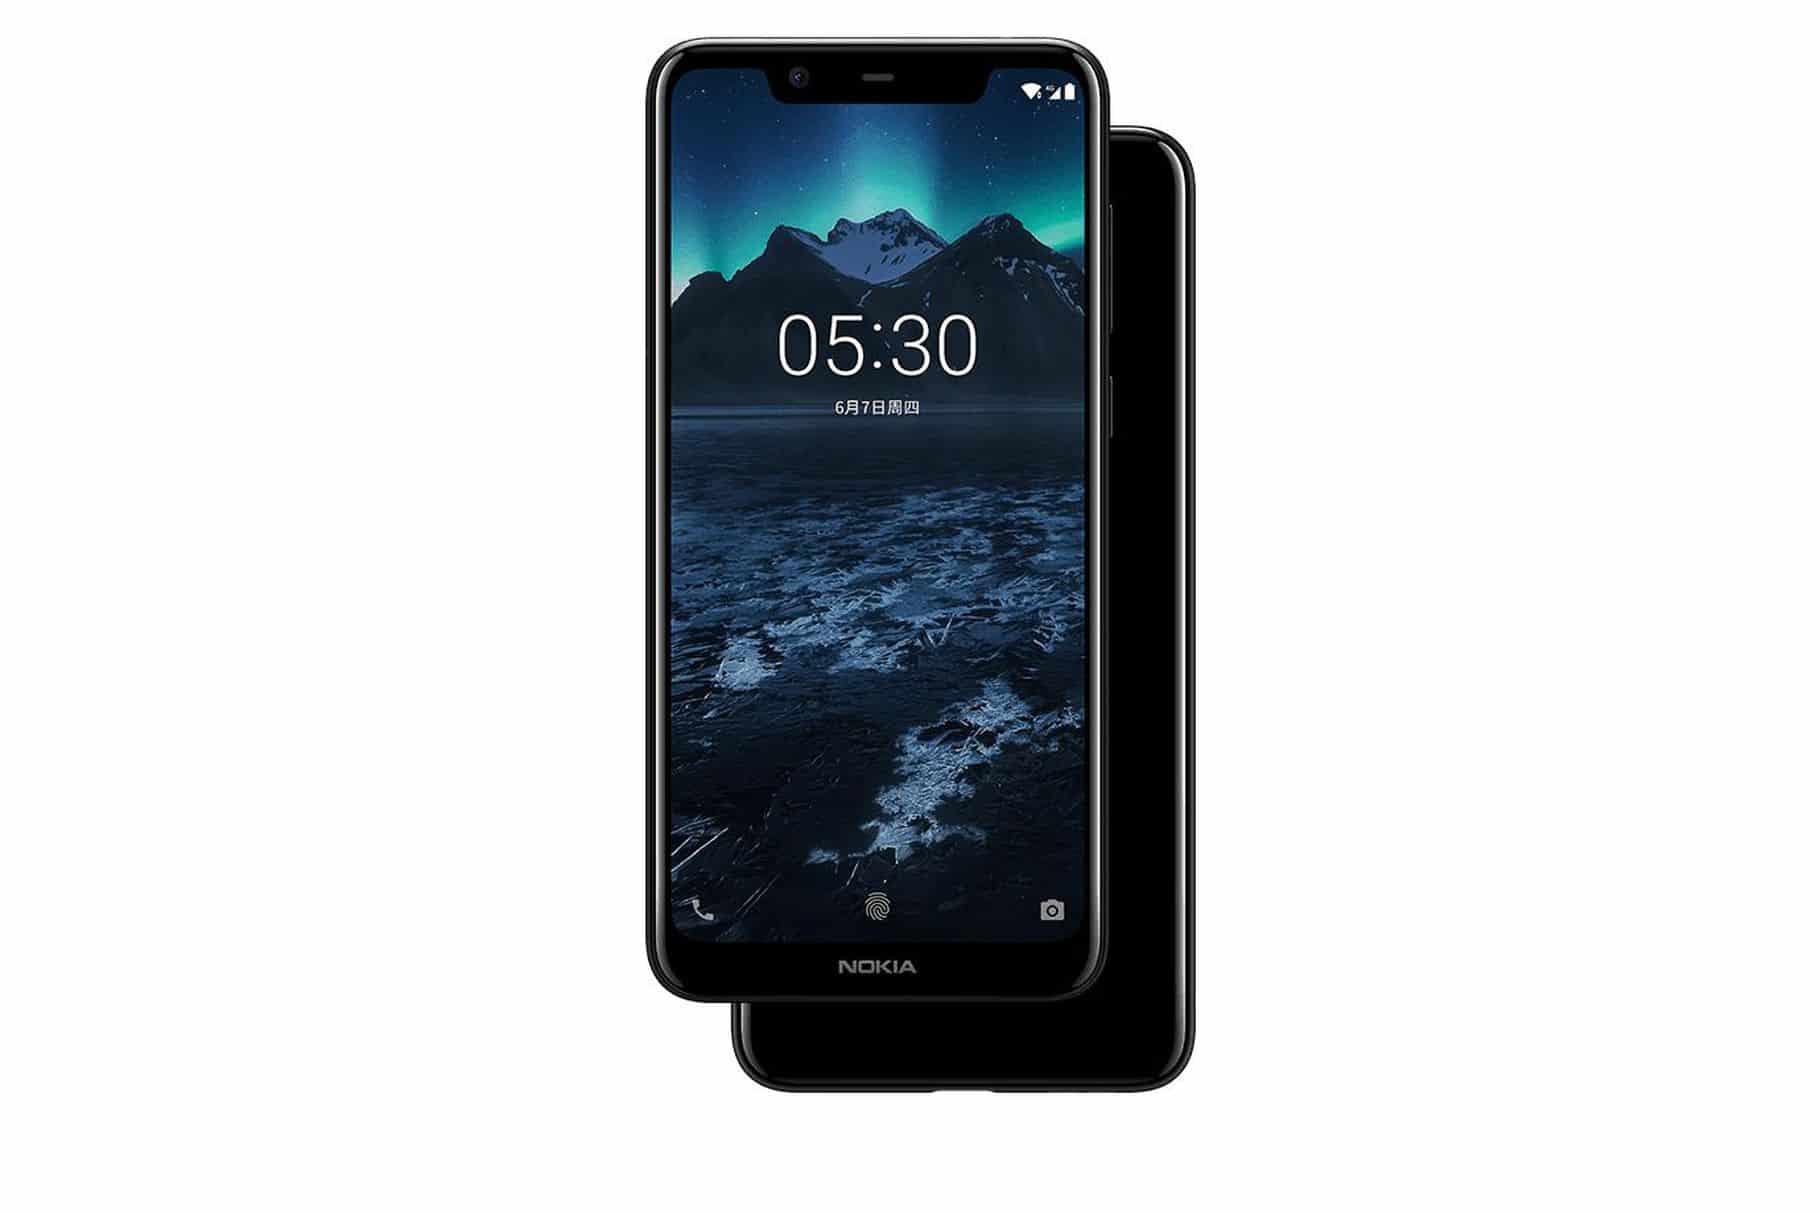 Nokia X5 iPhone X clone